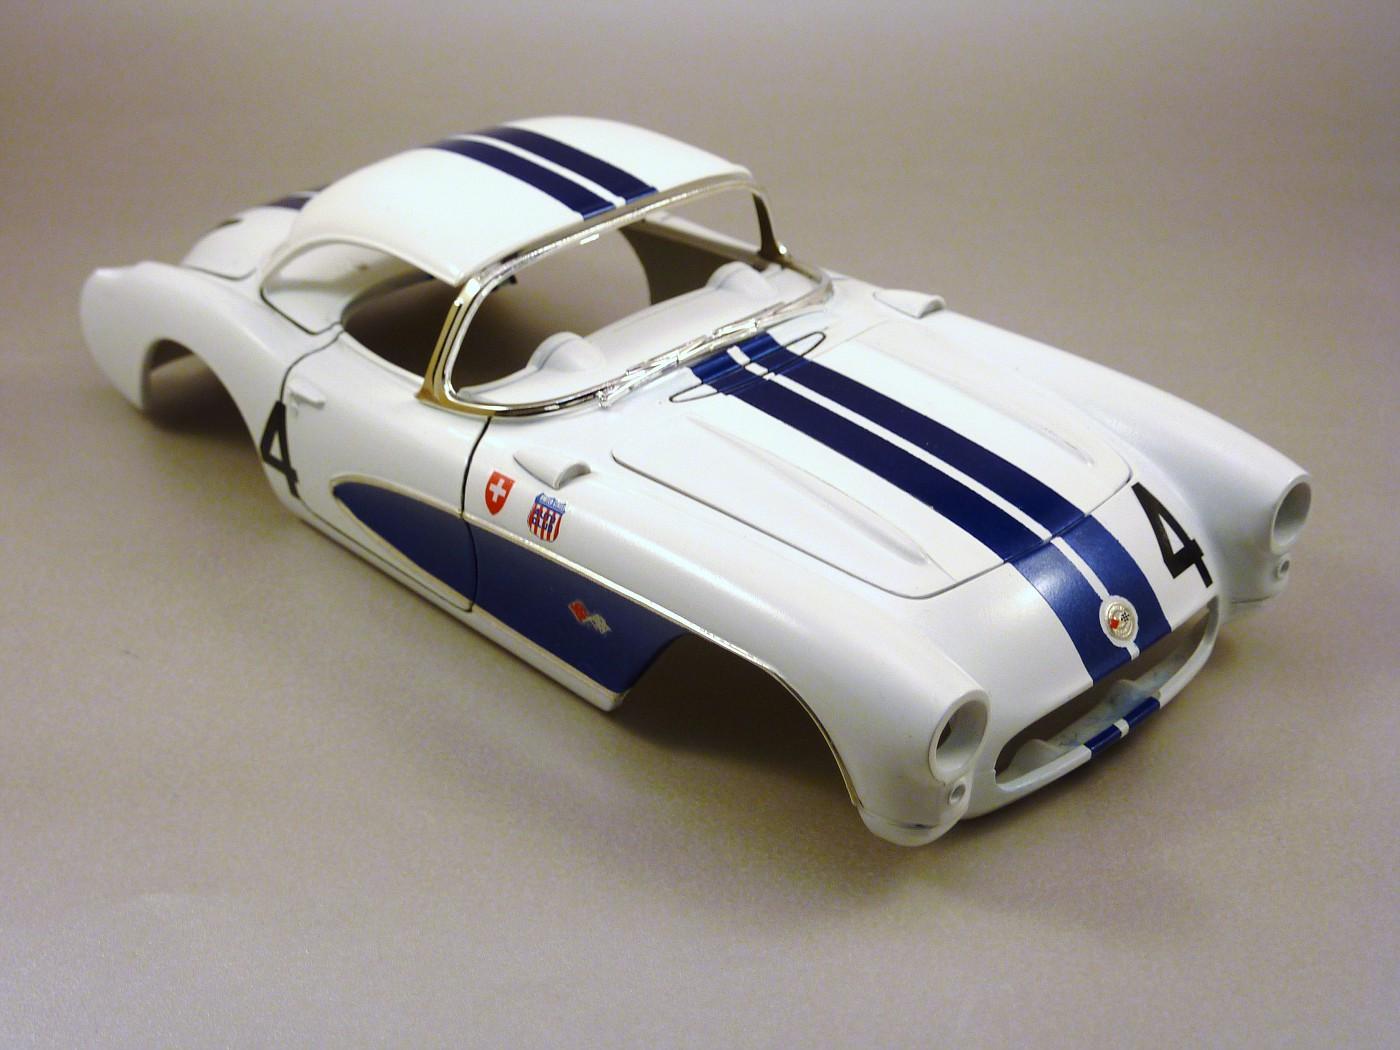 Corvette Sebring 57 terminée  Decosebring57001-vi